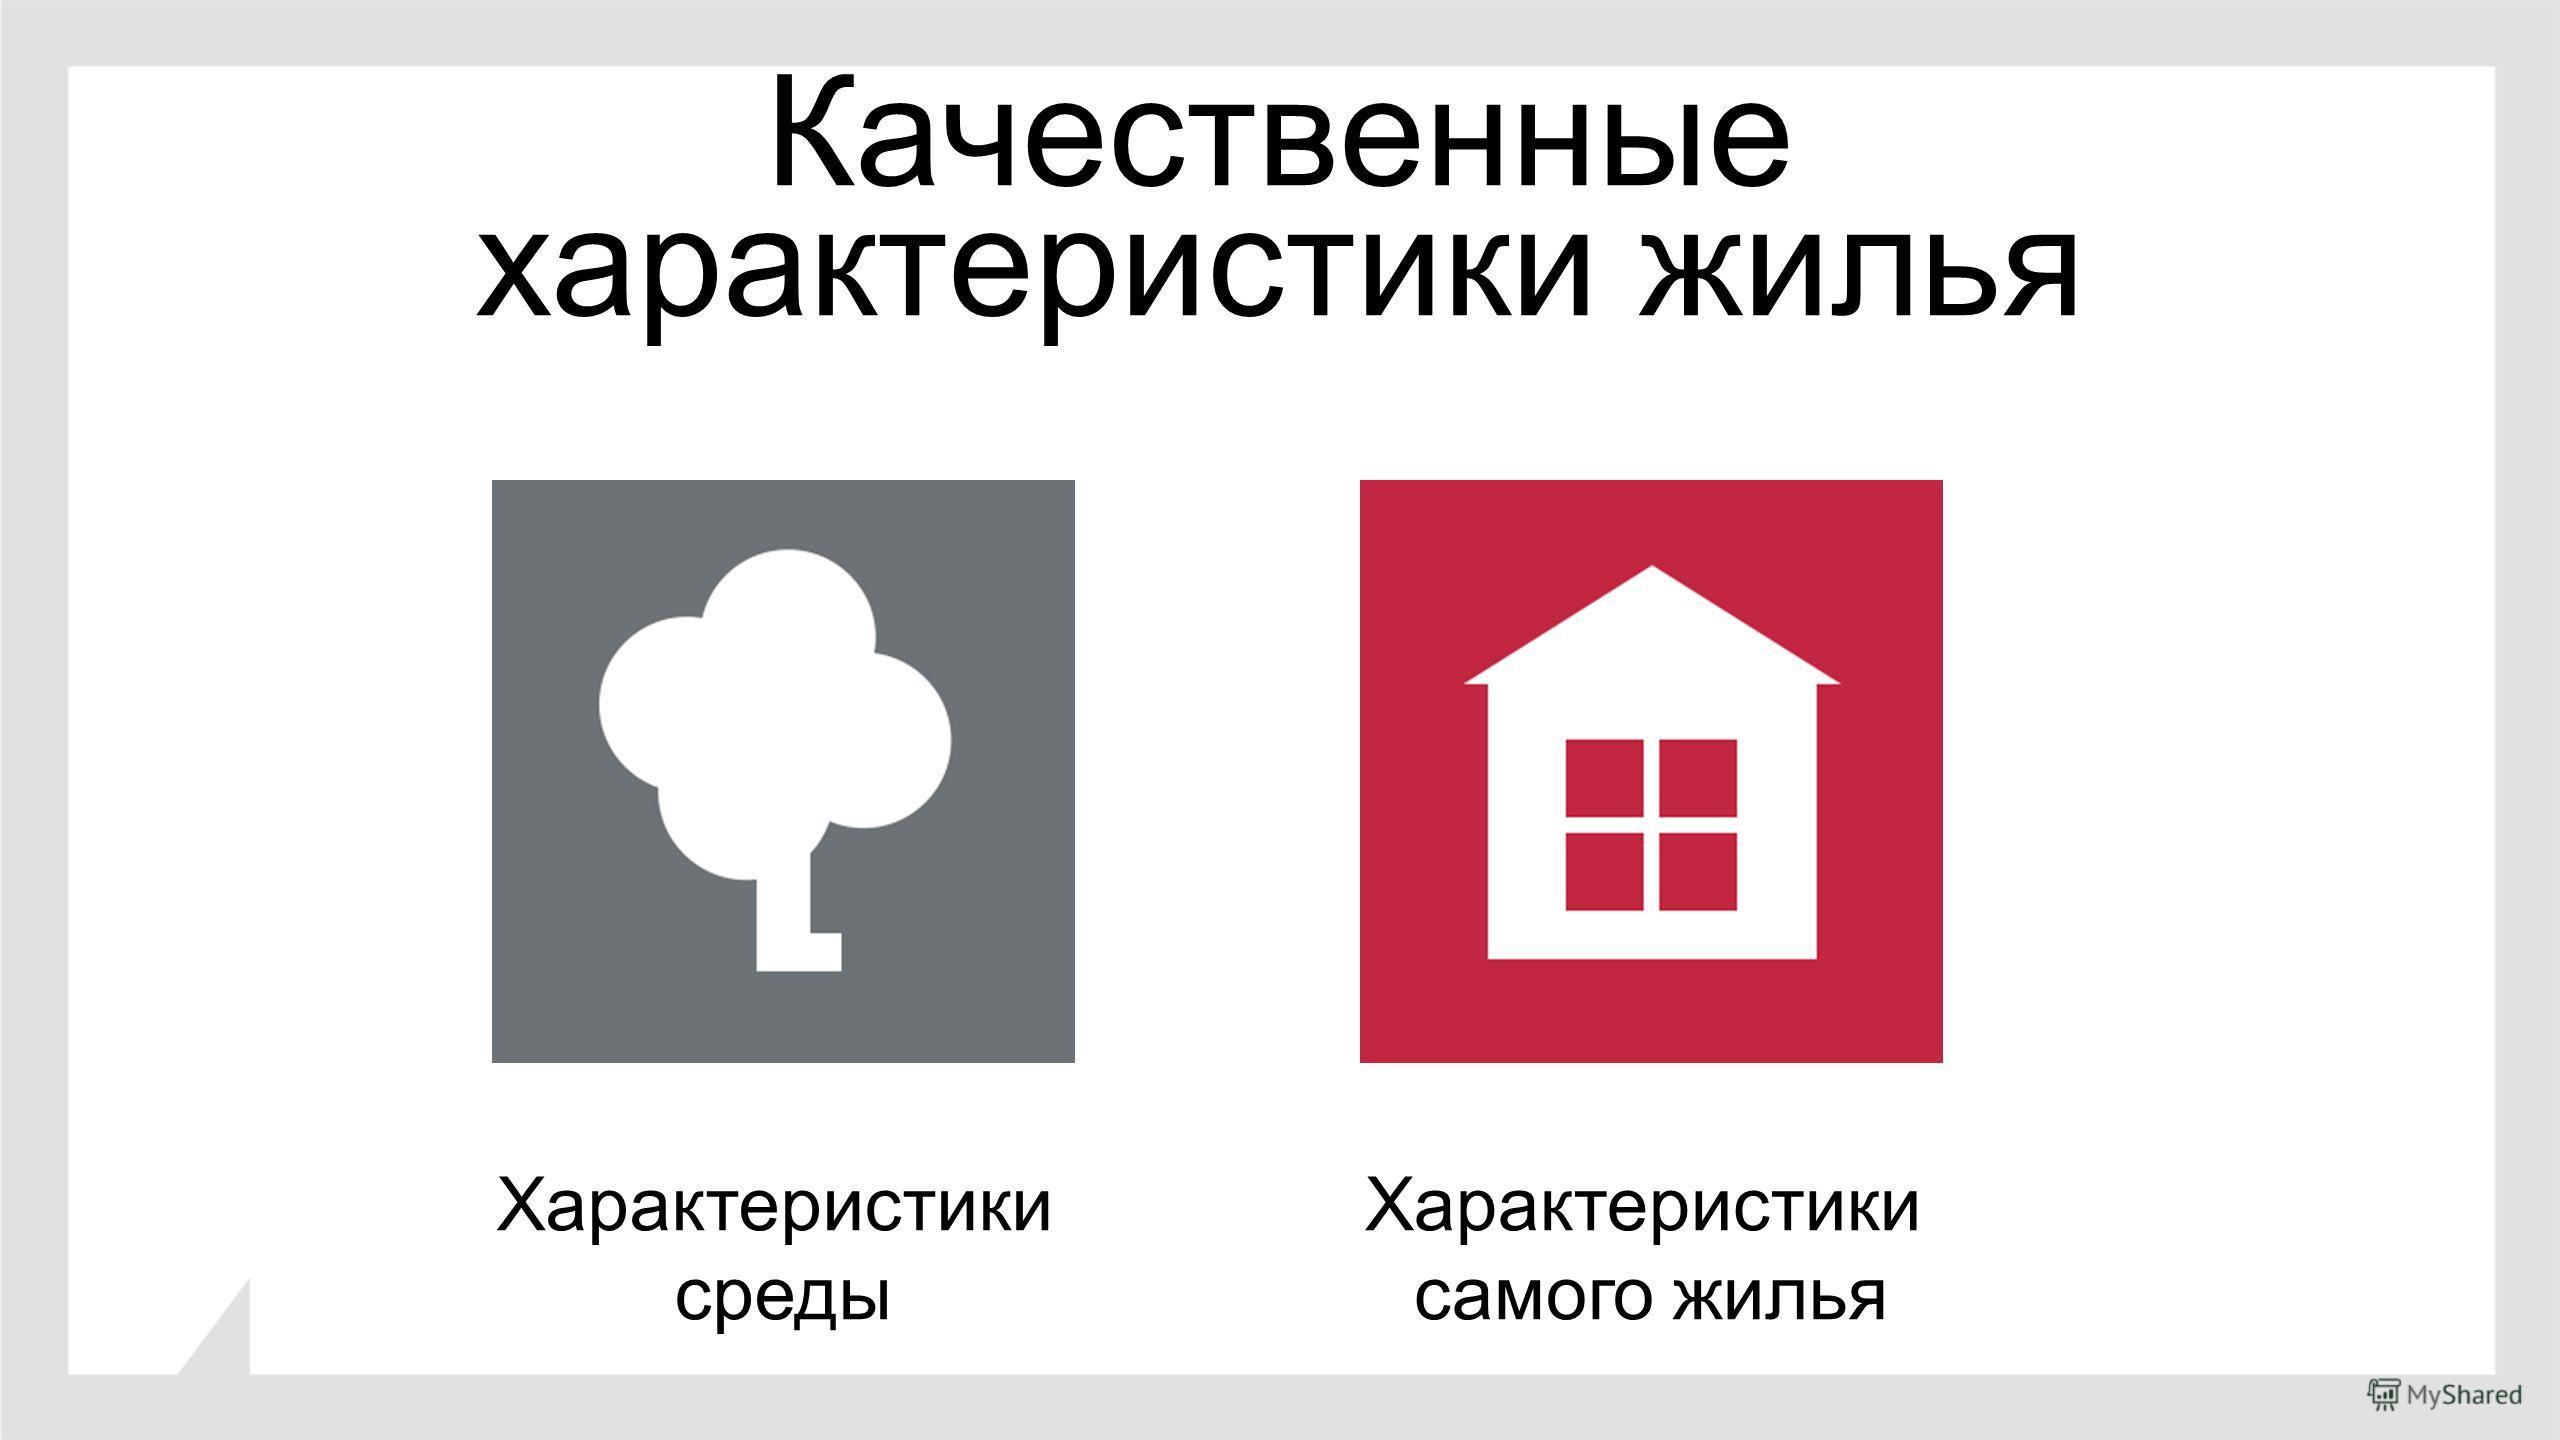 Качественные характеристики жилья Характеристики самого жилья Характеристики среды